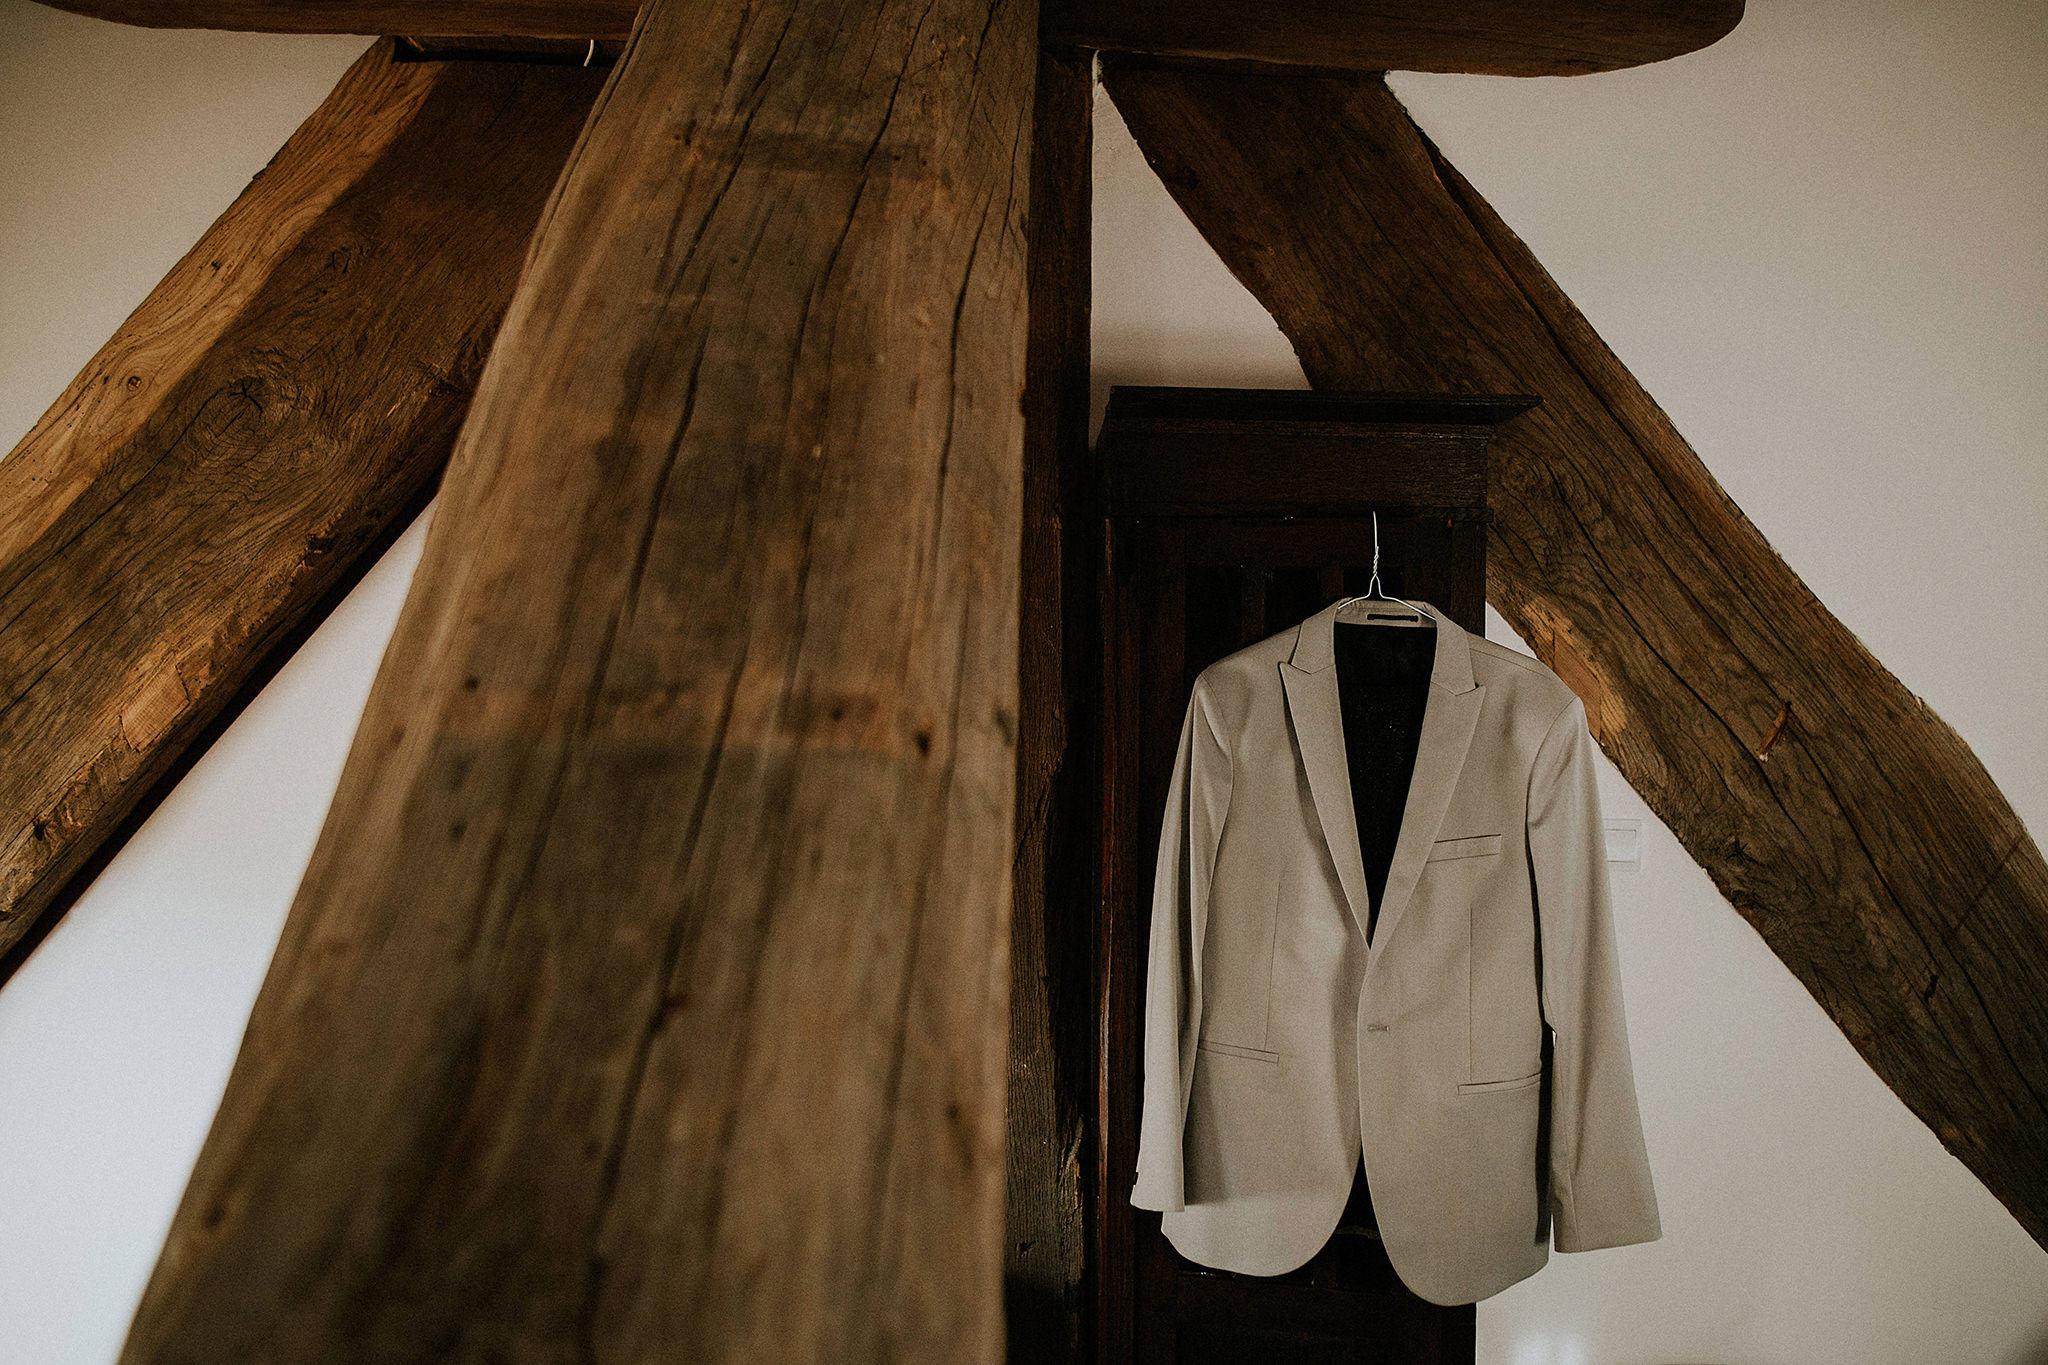 zosiajan fotograf Karol Nycz Photography www.karolnycz.com 50